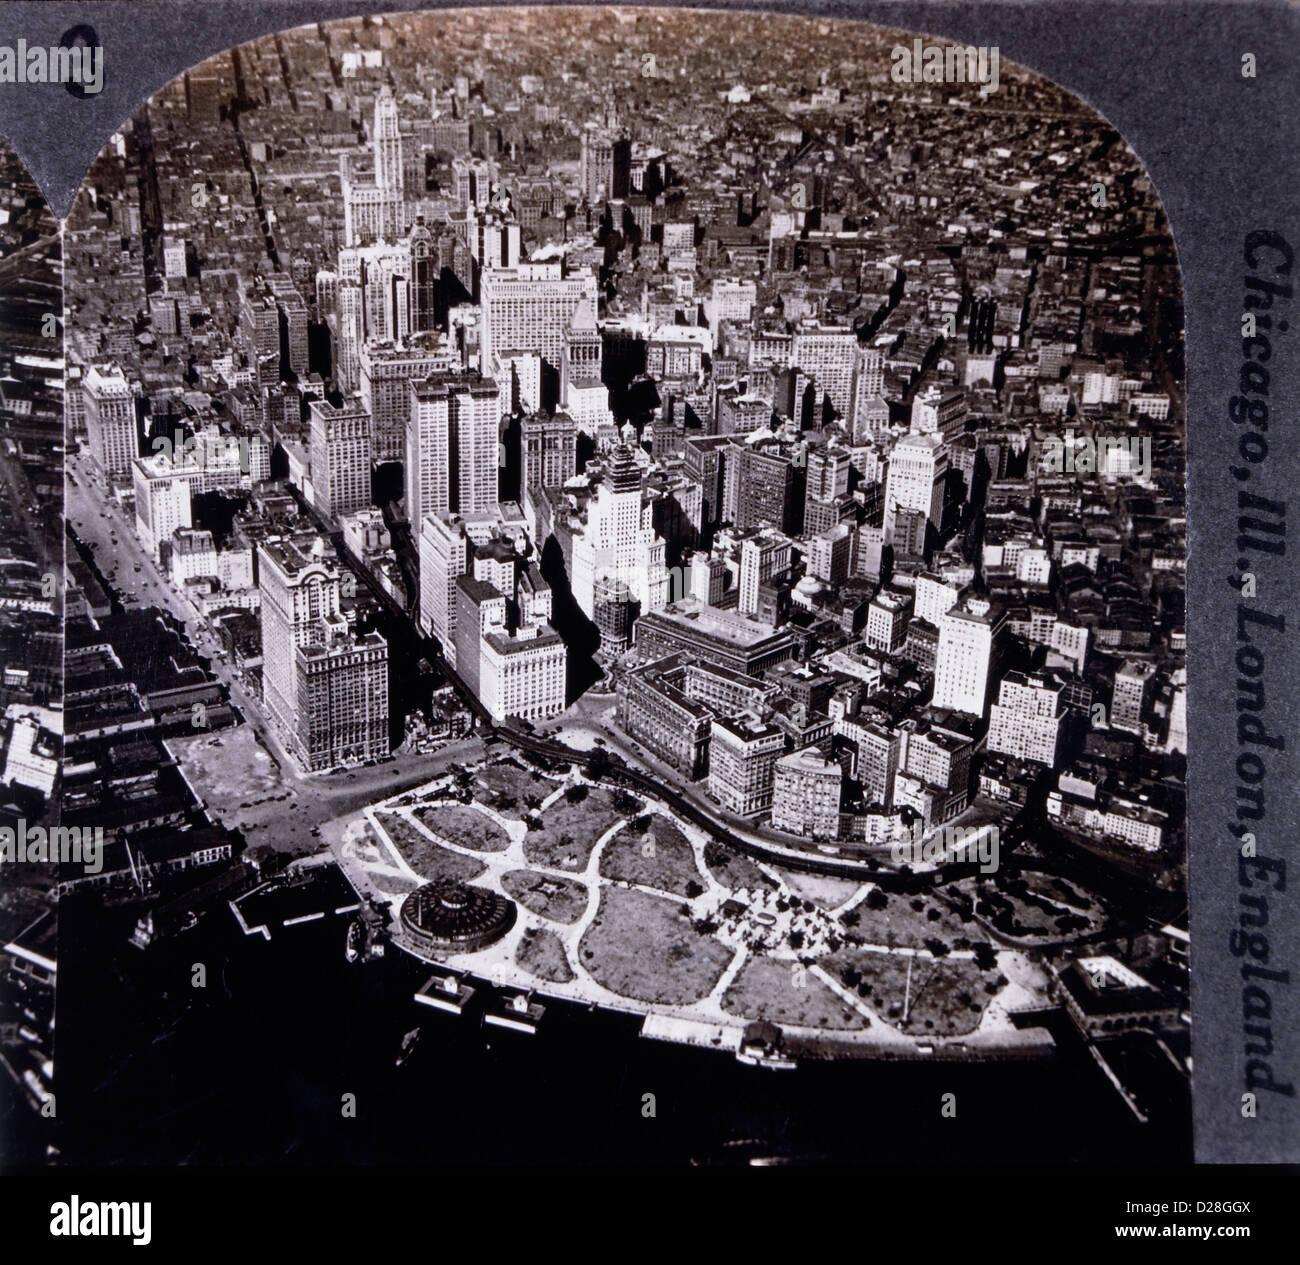 La parte inferiore di Manhattan, New York City, Stati Uniti d'America, ad alto angolo di visione, 1931 Immagini Stock